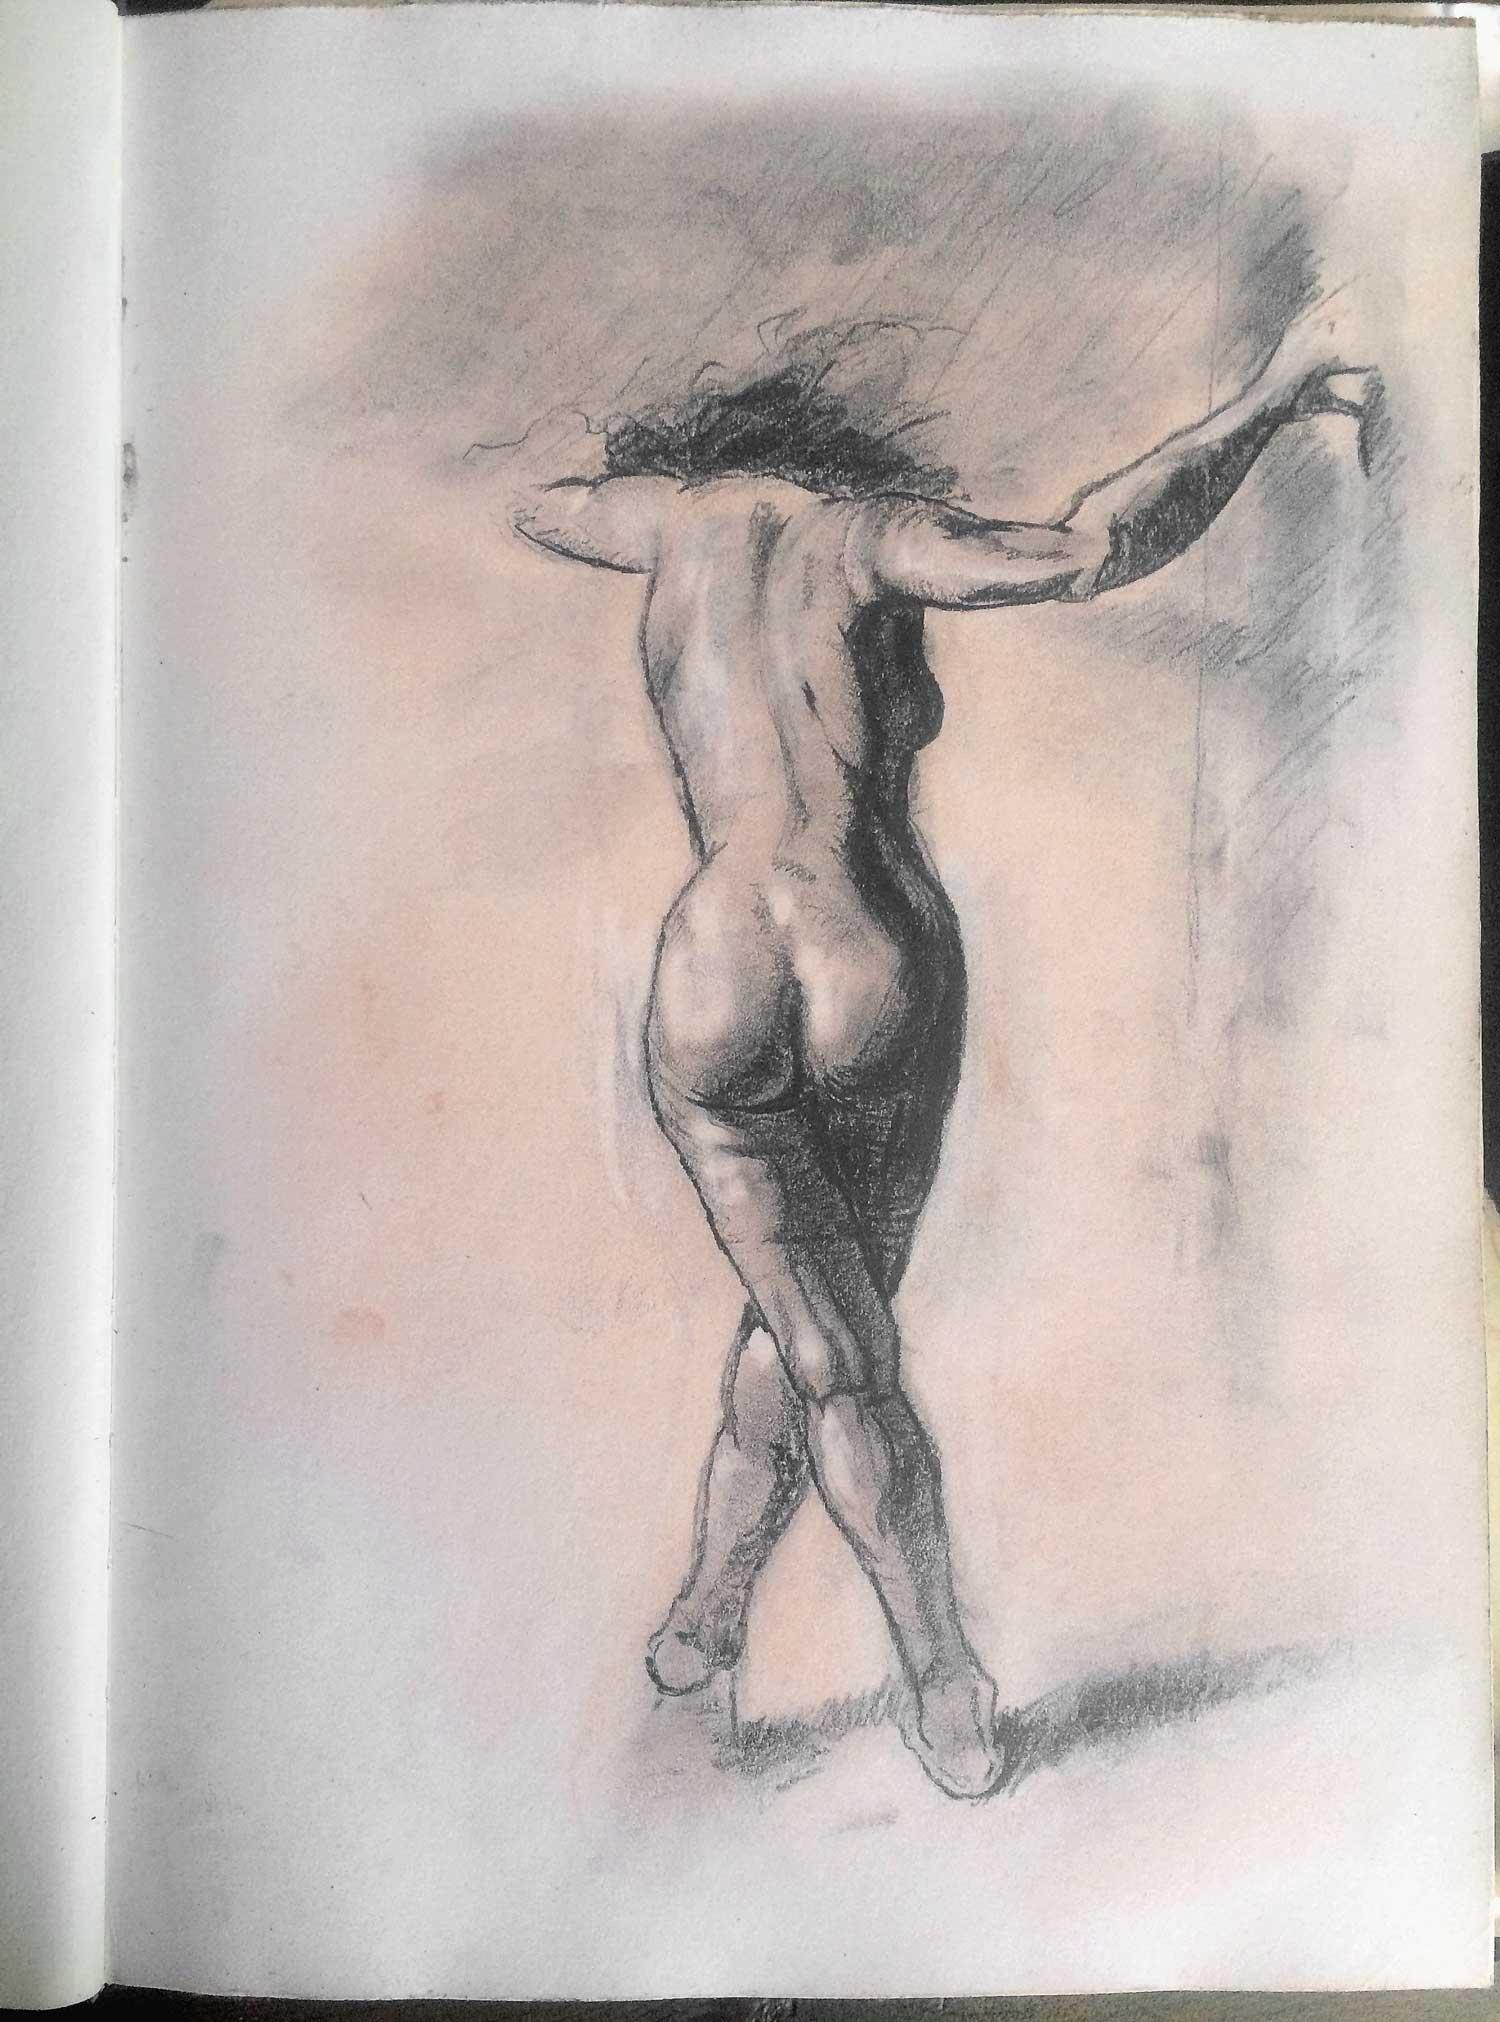 Femme-nue-de-dos.jpg